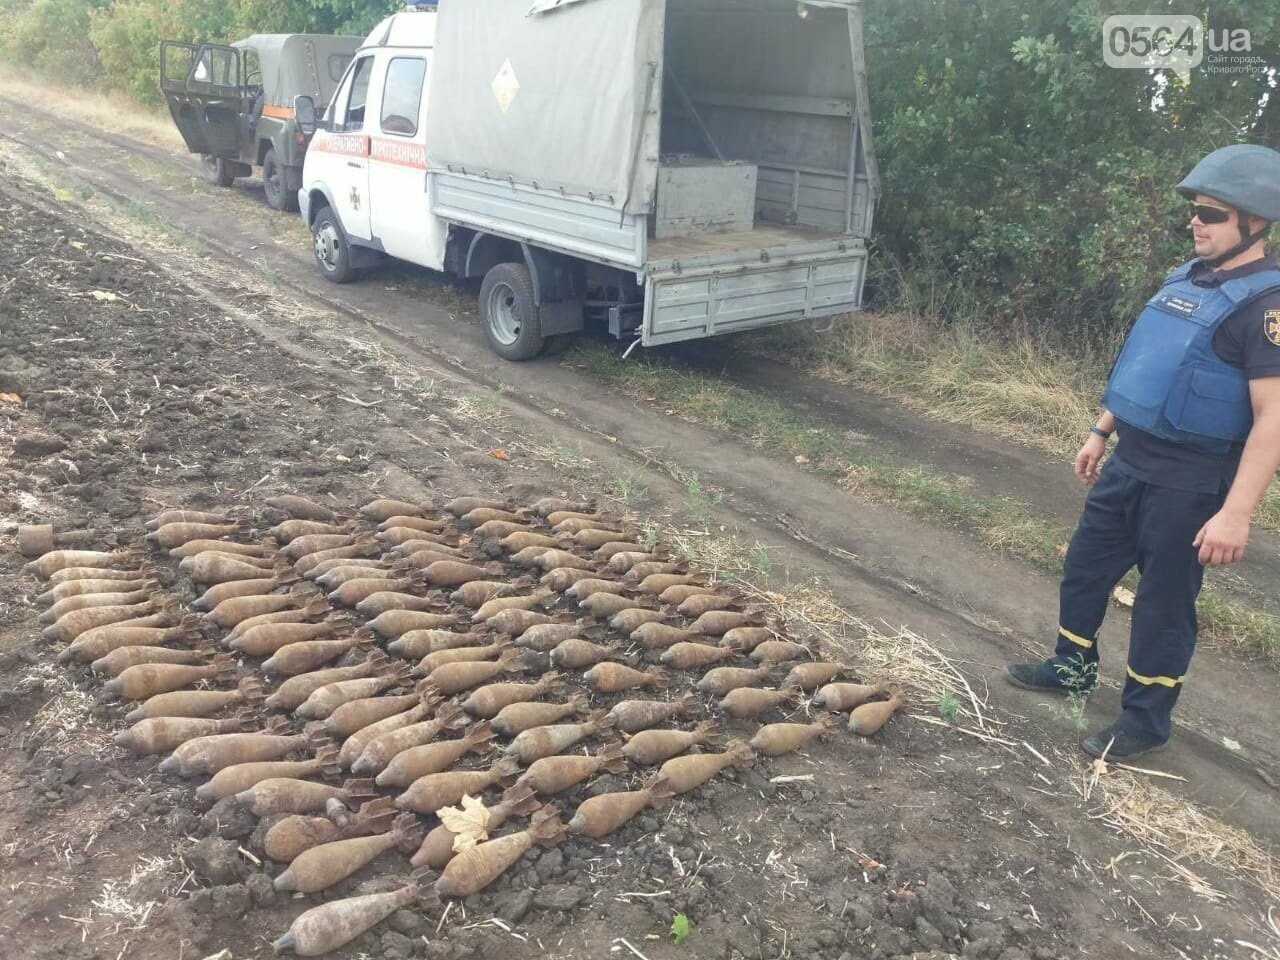 На Днепропетровщине мужчина обнаружил в поле более 100 взрывоопасных предметов, - ФОТО, ВИДЕО, фото-2